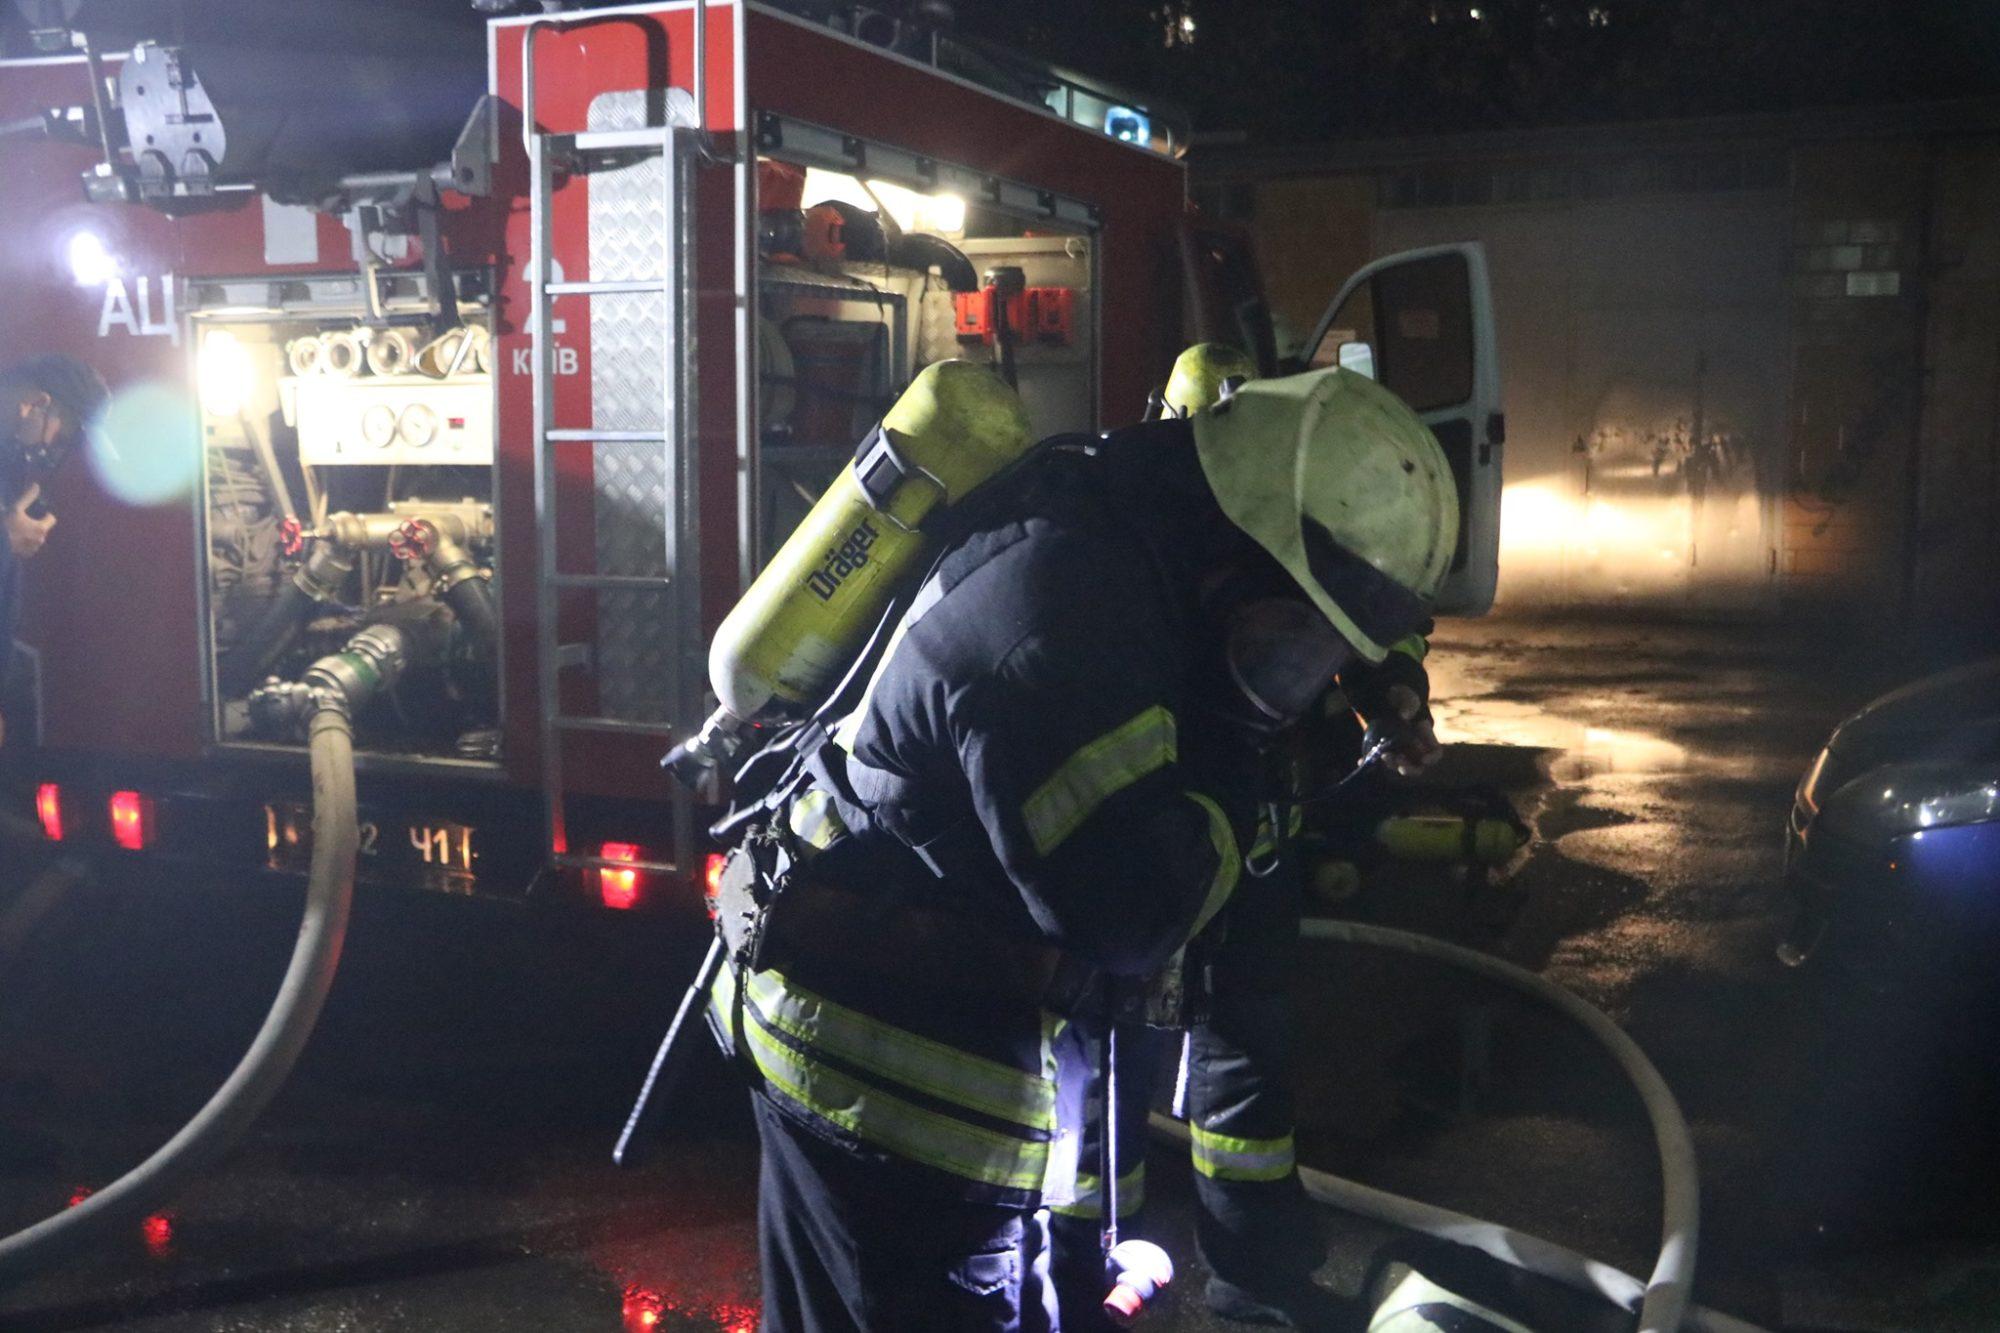 Київ: під час гасіння пожежі в готелі, евакуйовали людей - загоряння, готель - 123815259 3464867130259871 2736234506867808812 o 2000x1333